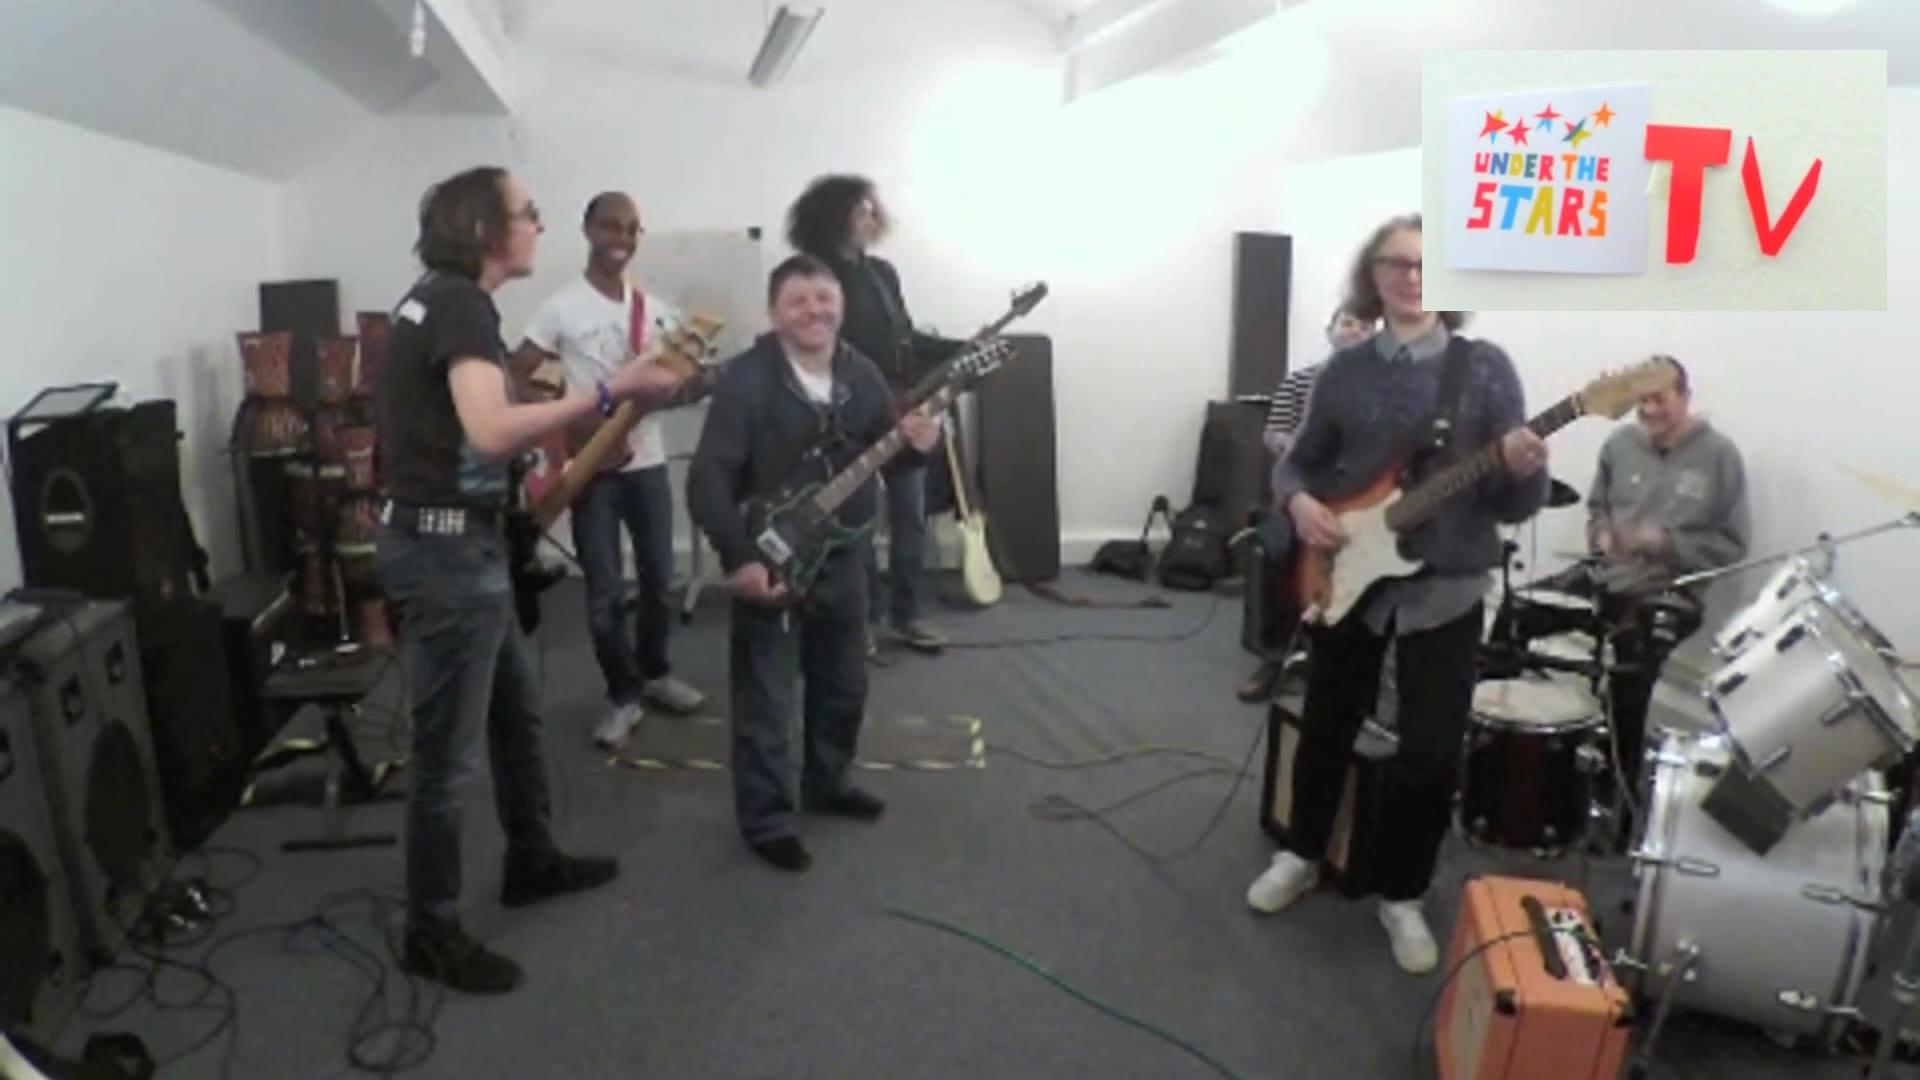 UTS-TV - Ben's Bassline!